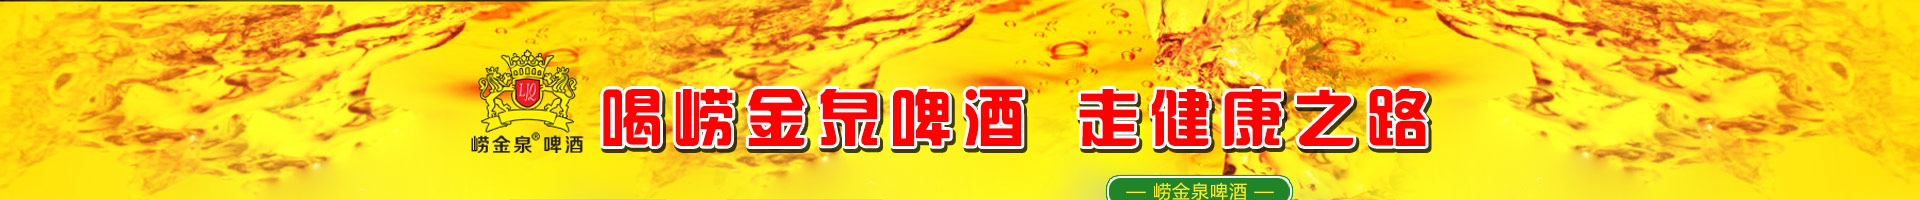 青岛崂金泉酒业有限公司